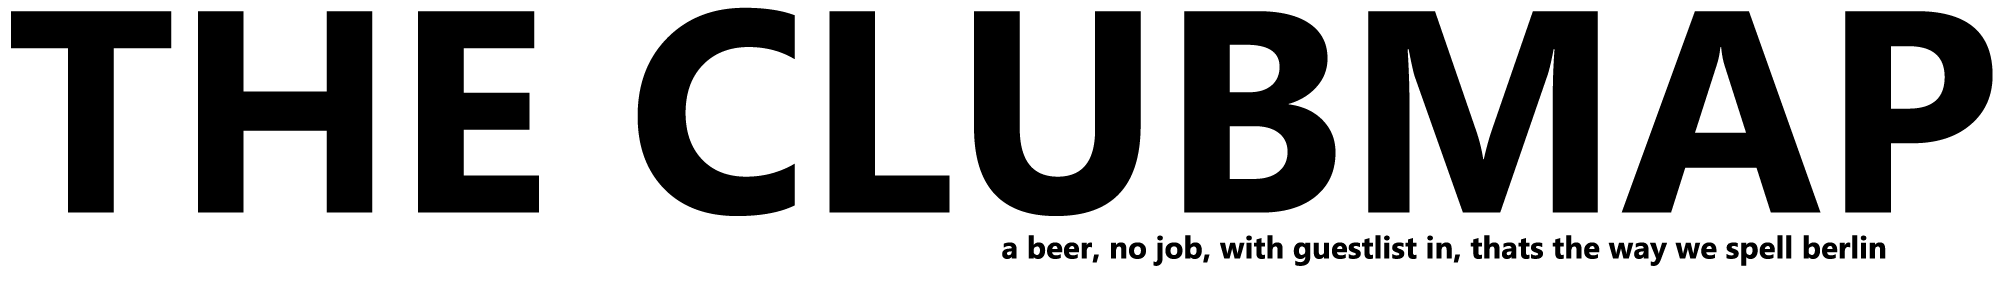 clubmap-header-mit-sloagan